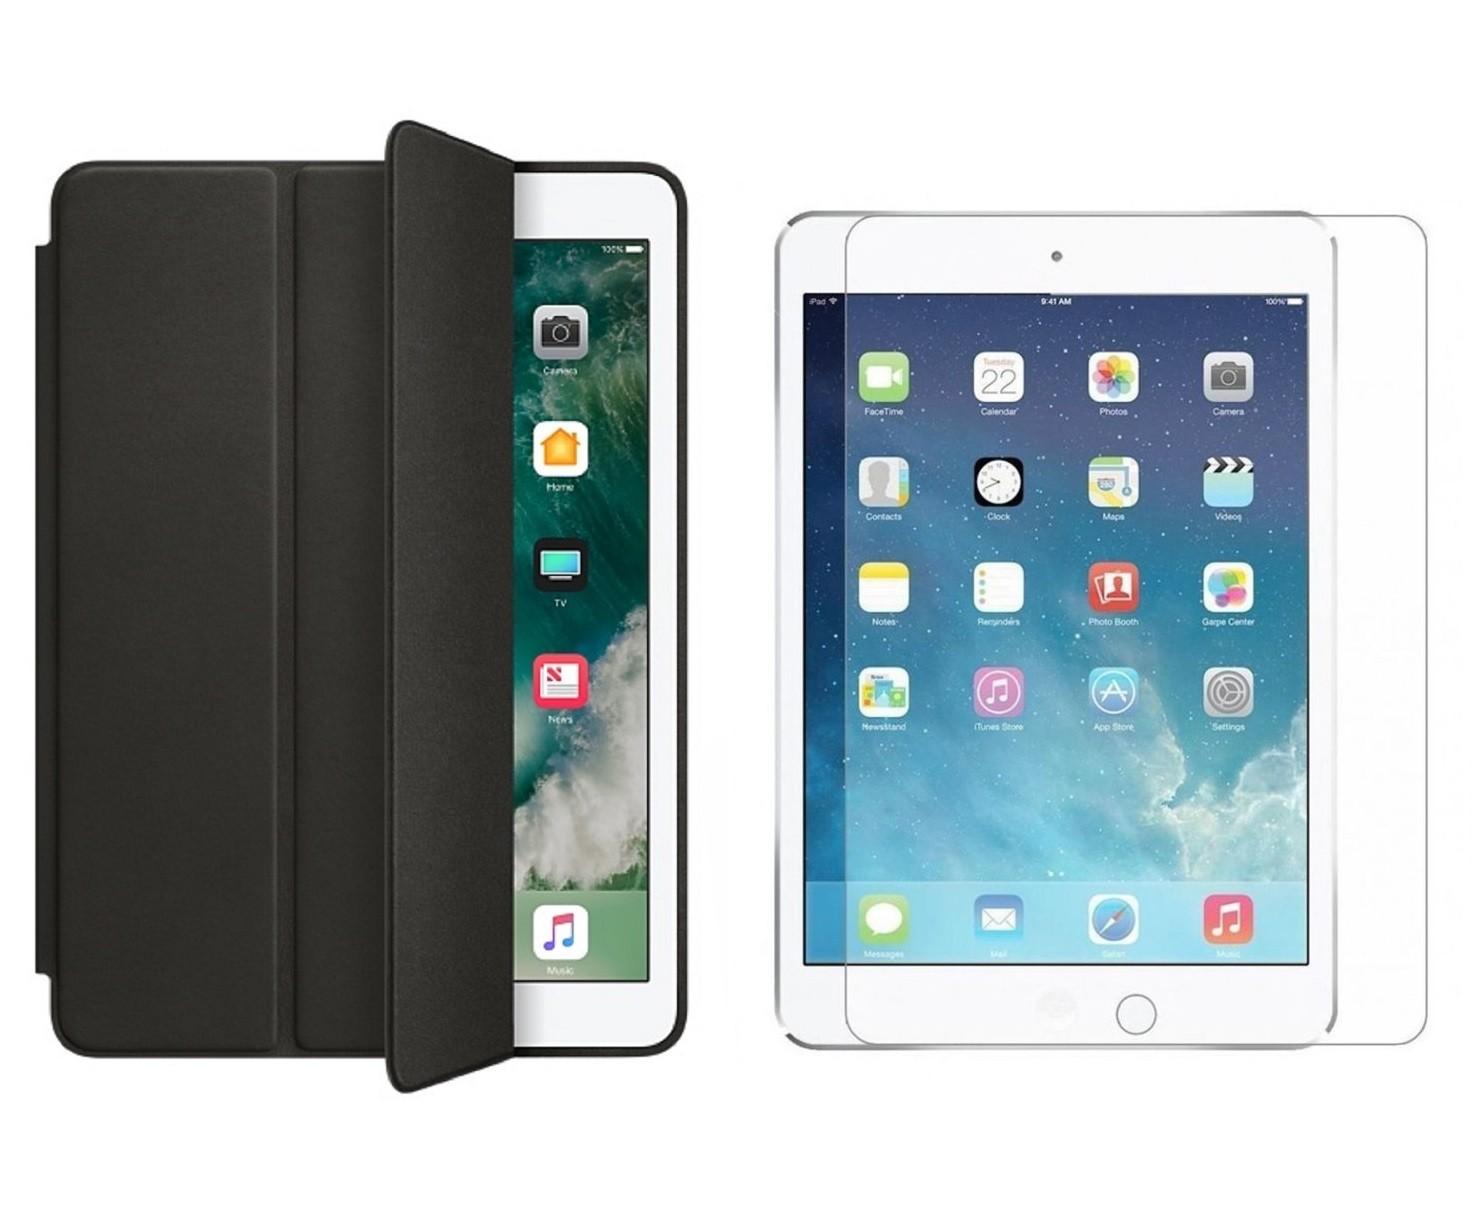 Kit Smart Case Ipad 5 Tela 9.7 A1822 A1823 Preta + Película de Vidro